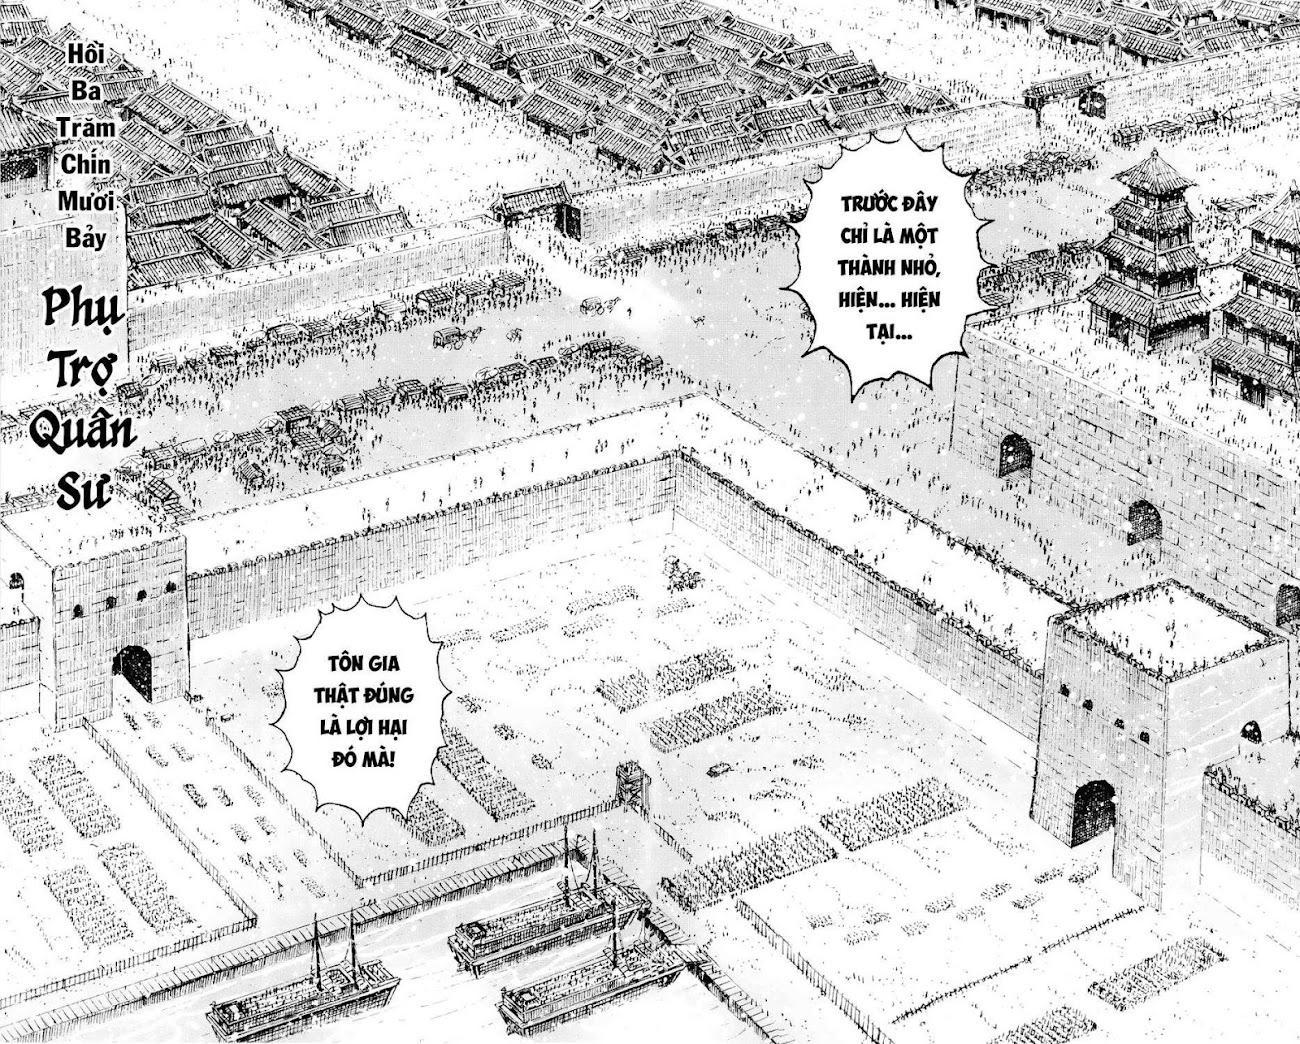 Hỏa phụng liêu nguyên Chương 397: Phụ trợ quân sư [Remake] trang 2